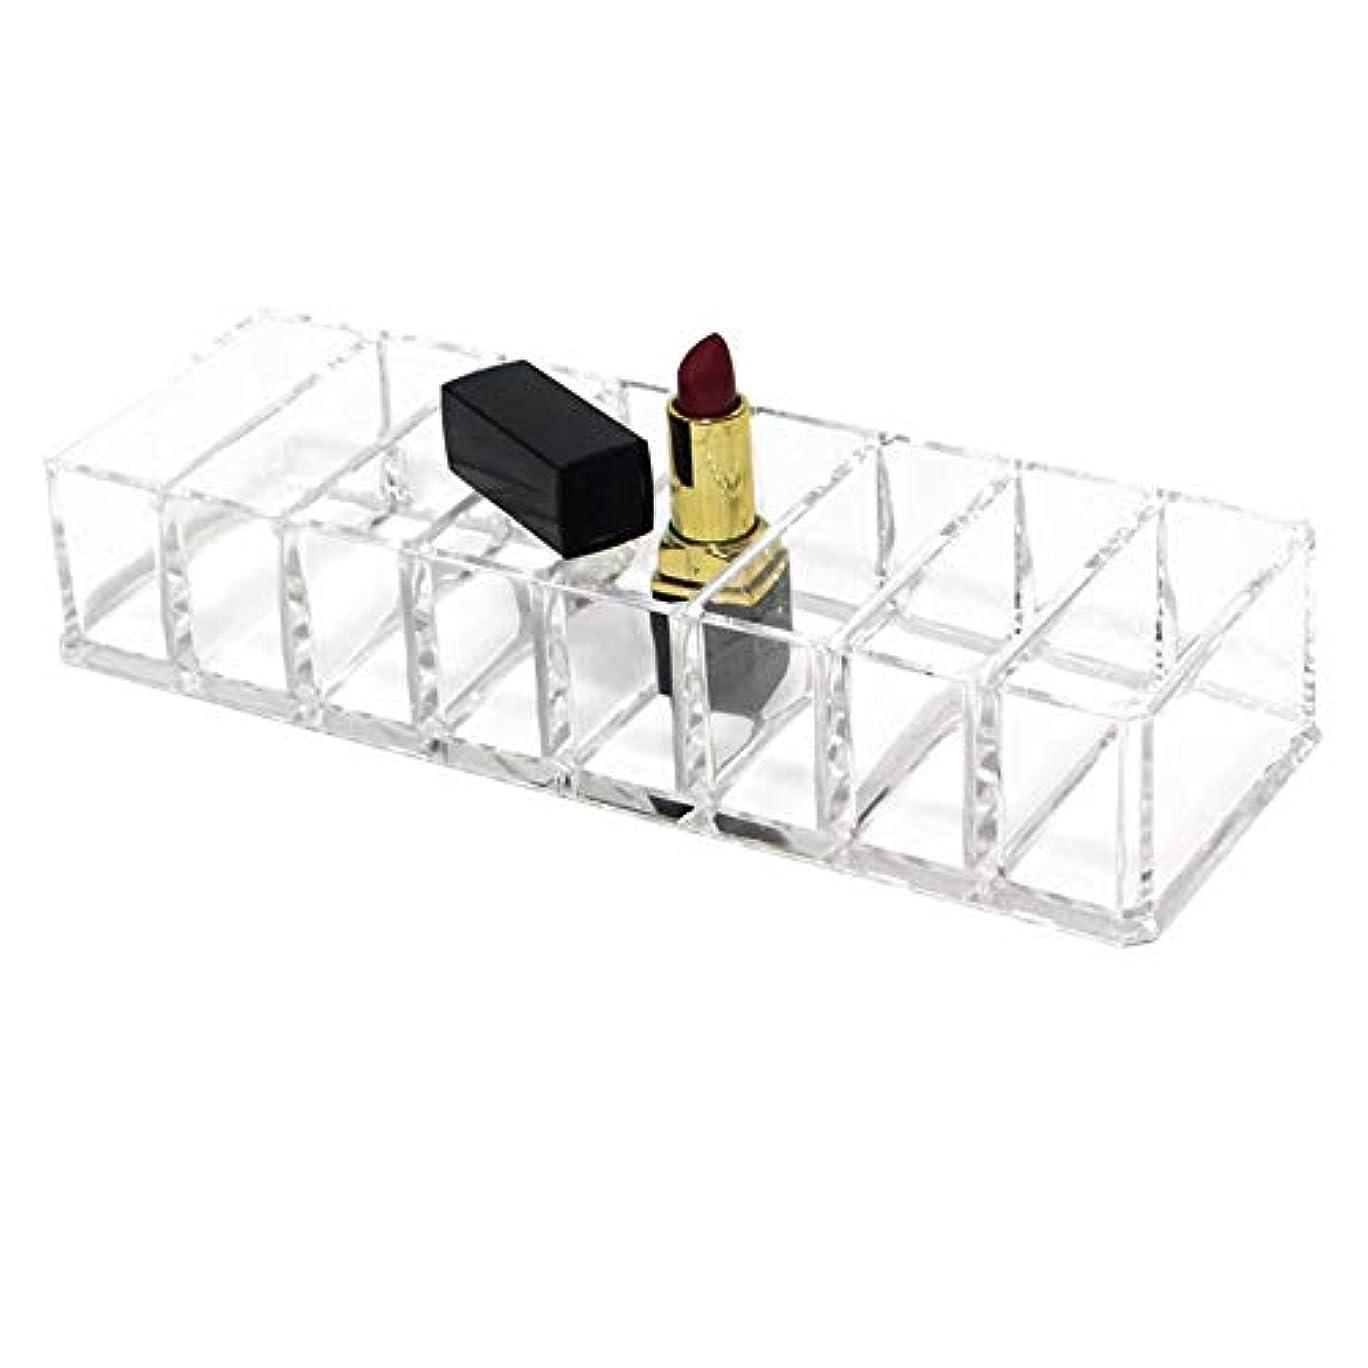 記念碑マージお手伝いさん整理簡単 化粧品オーガナイザードレッシングテーブルやカウンタートップ用化粧品オーガナイザー口紅アイシャドウなど (Color : Clear, Size : 21.5*8.7*4.3CM)